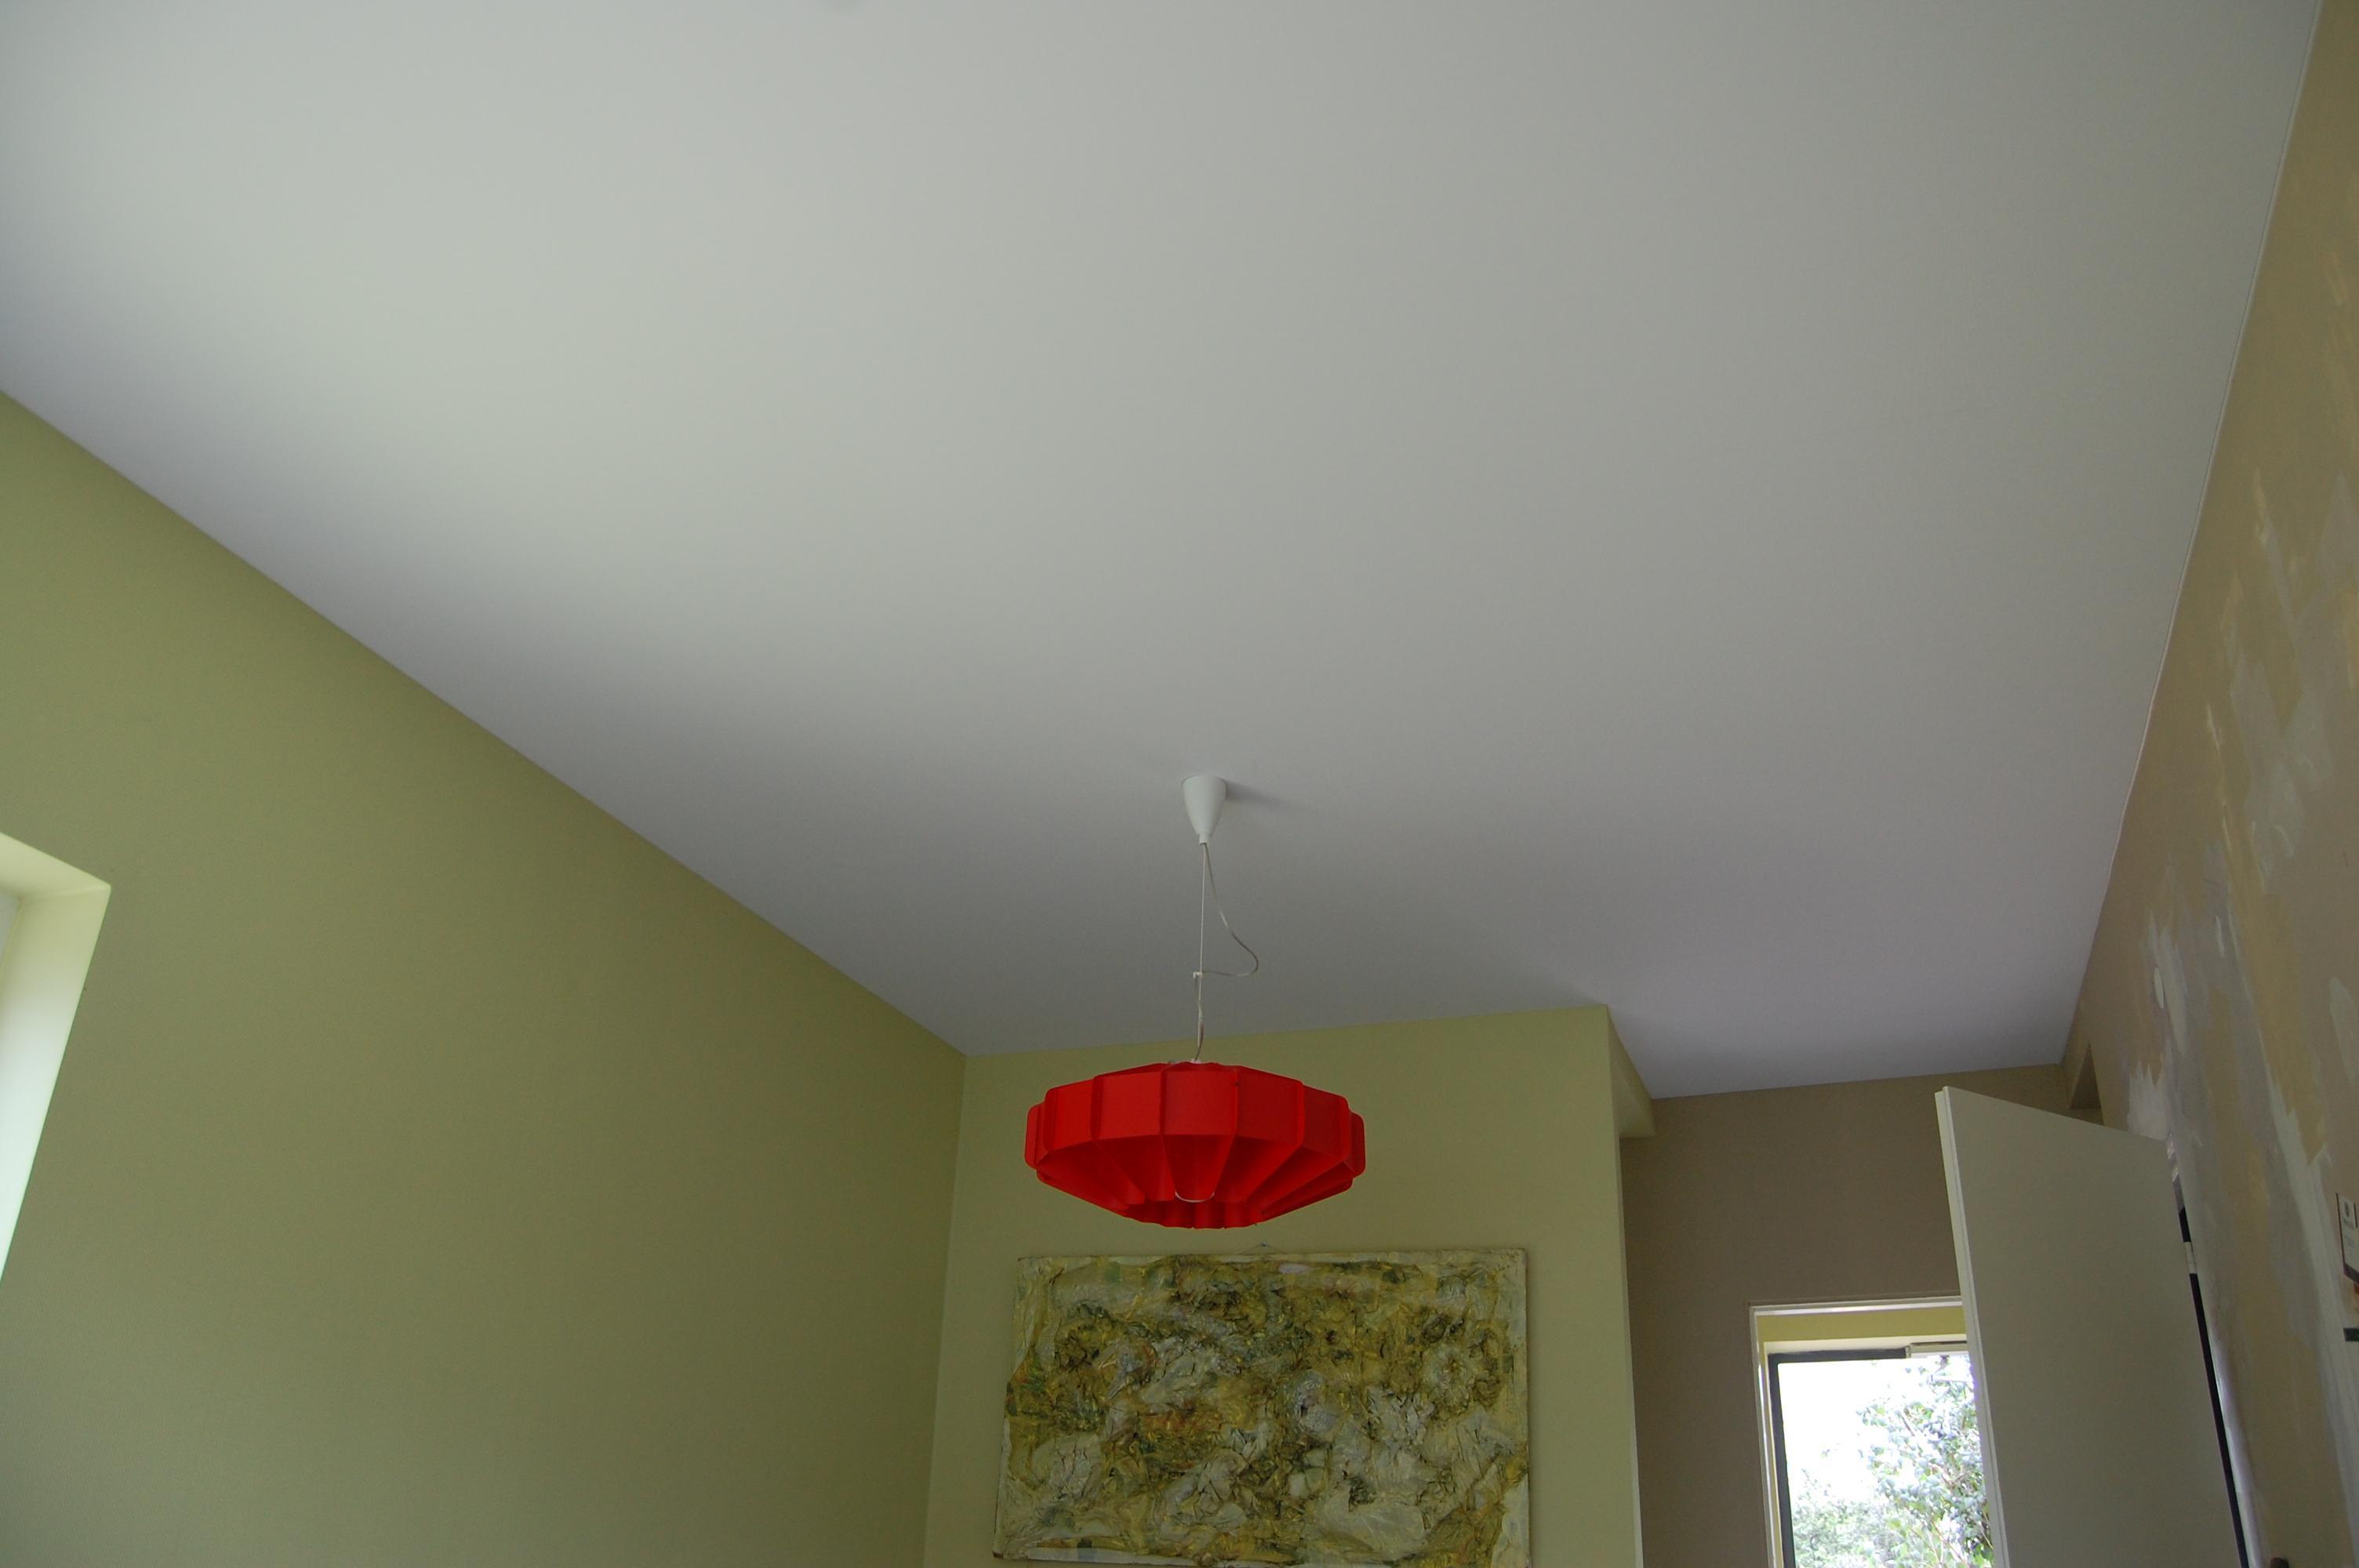 Тканевый натяжной потолок DESCOR (ГЕРМАНИЯ)